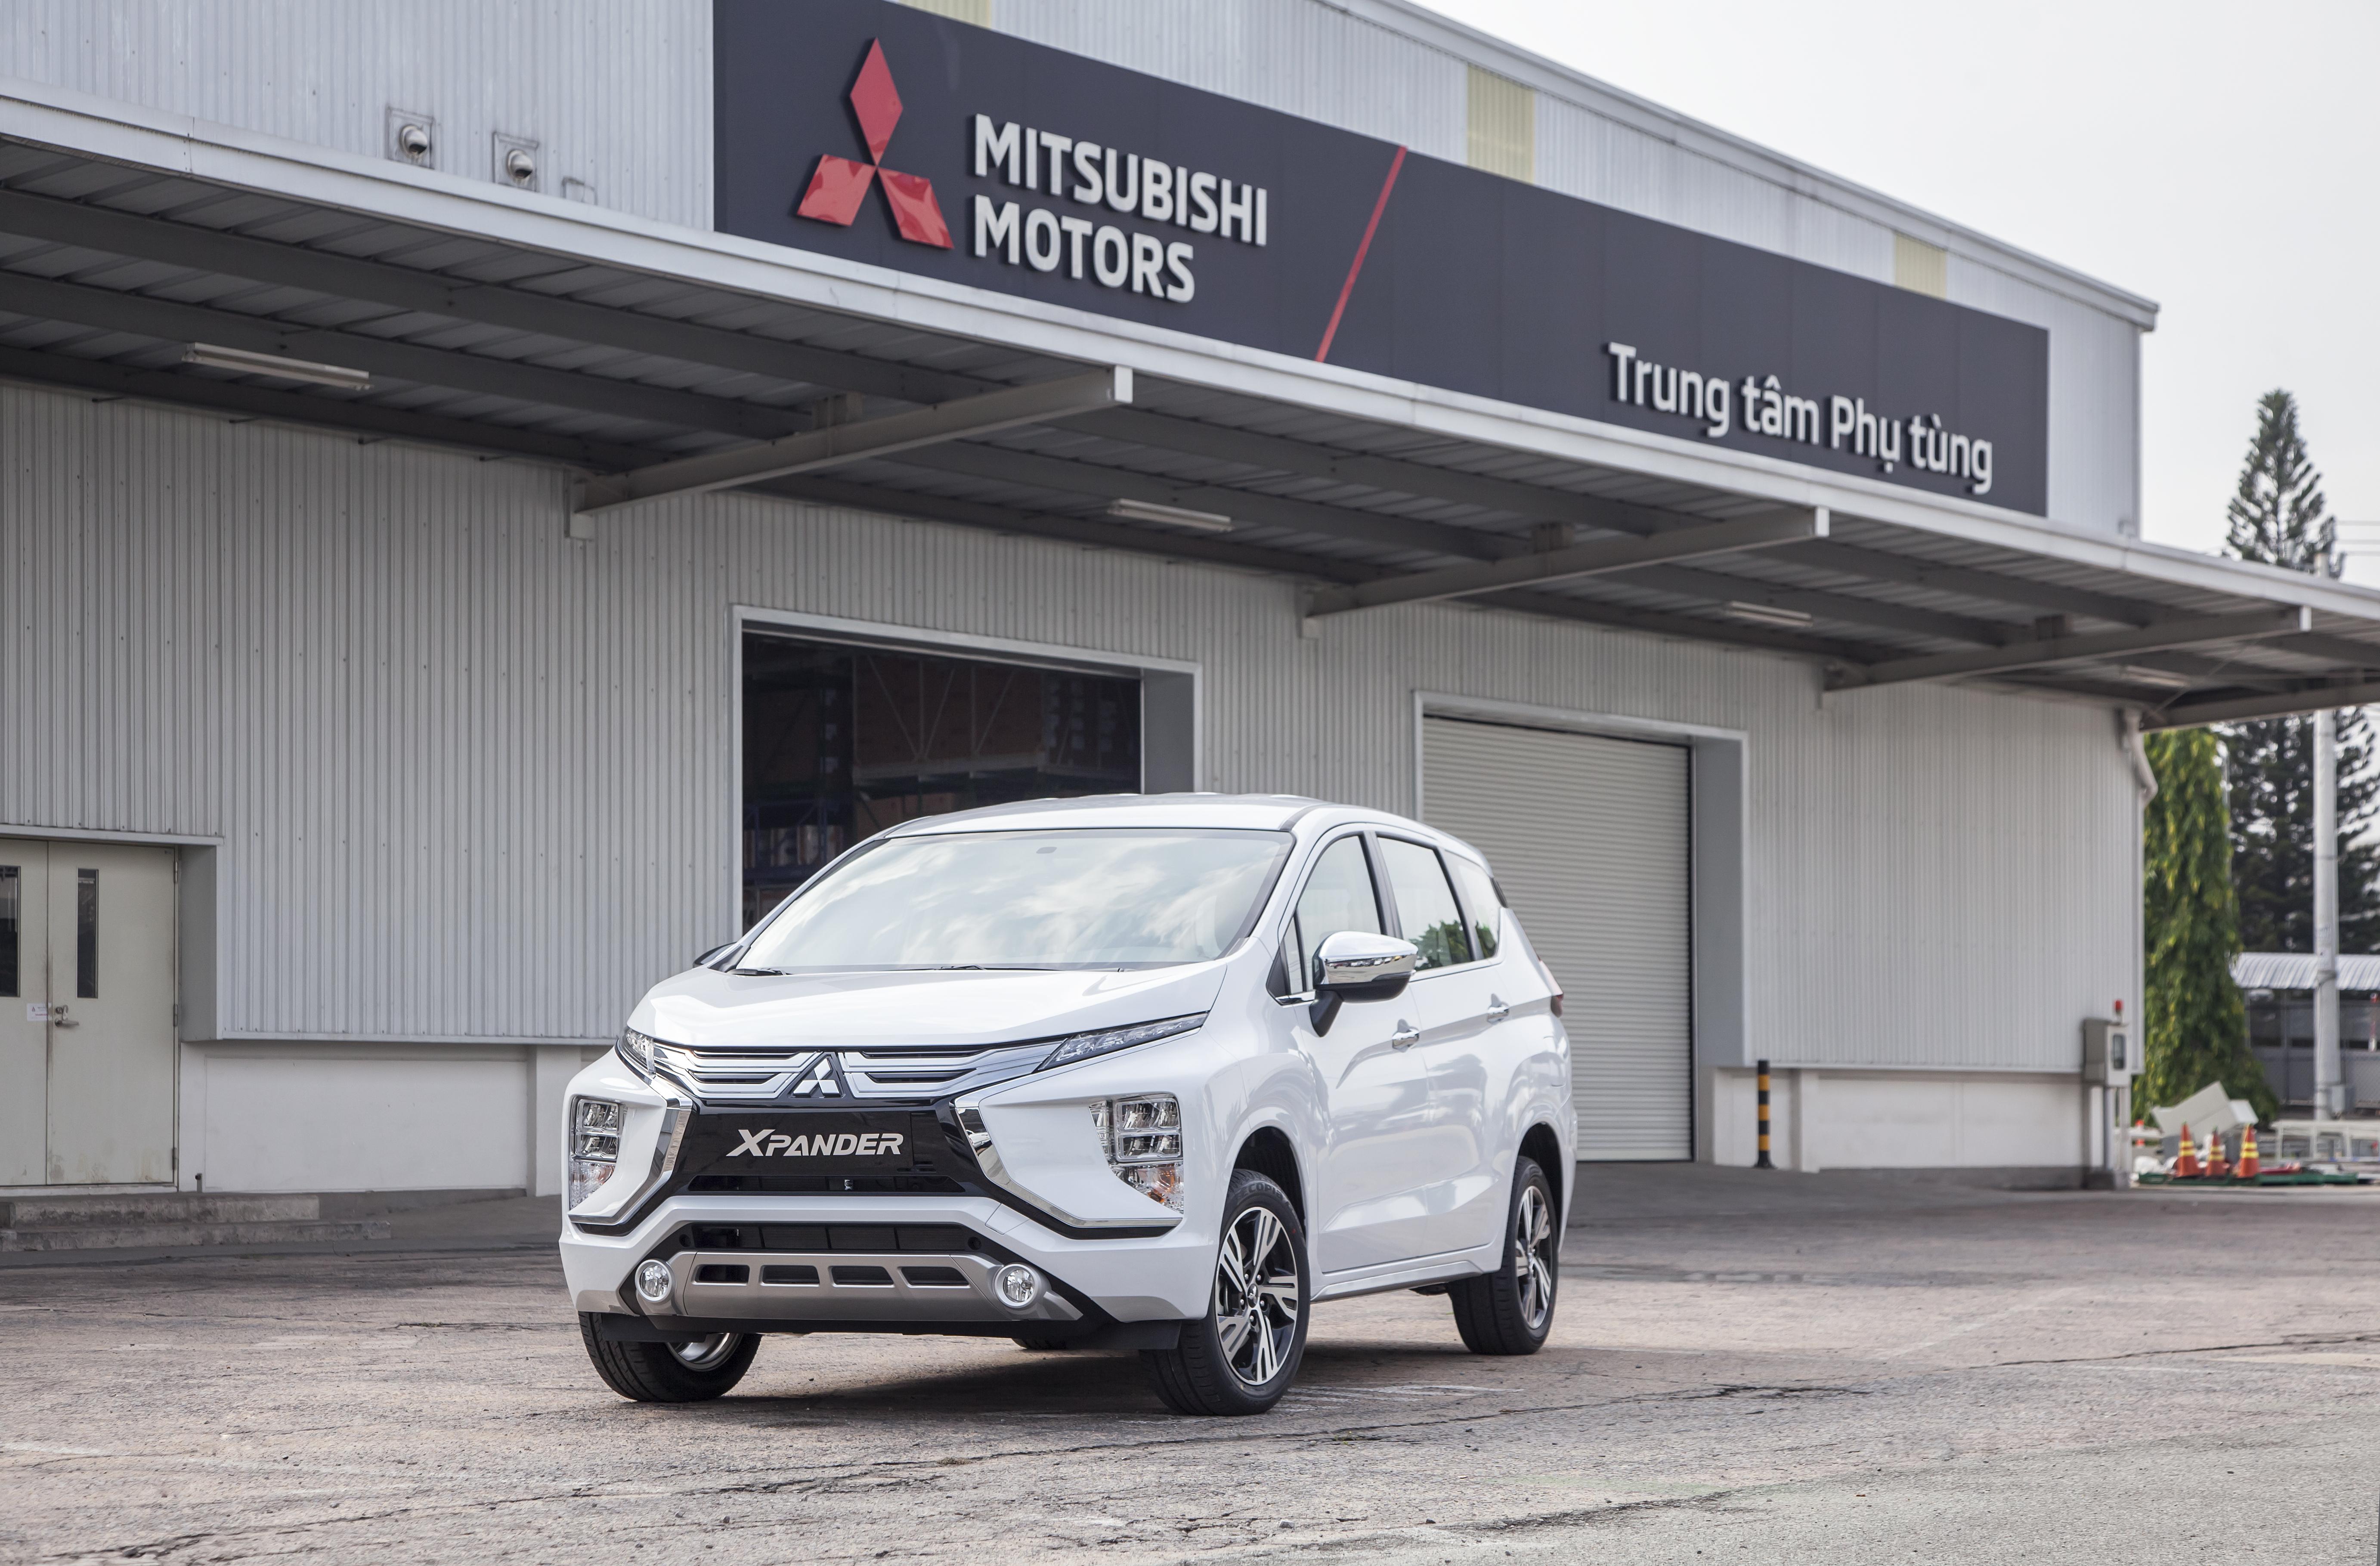 Hàng loạt xe Mitsubishi bao gồm Xpander, Outlander và Attrage hay Pajero Sport mới đang được hãng sản xuất ưu đãi phí trước bạ.